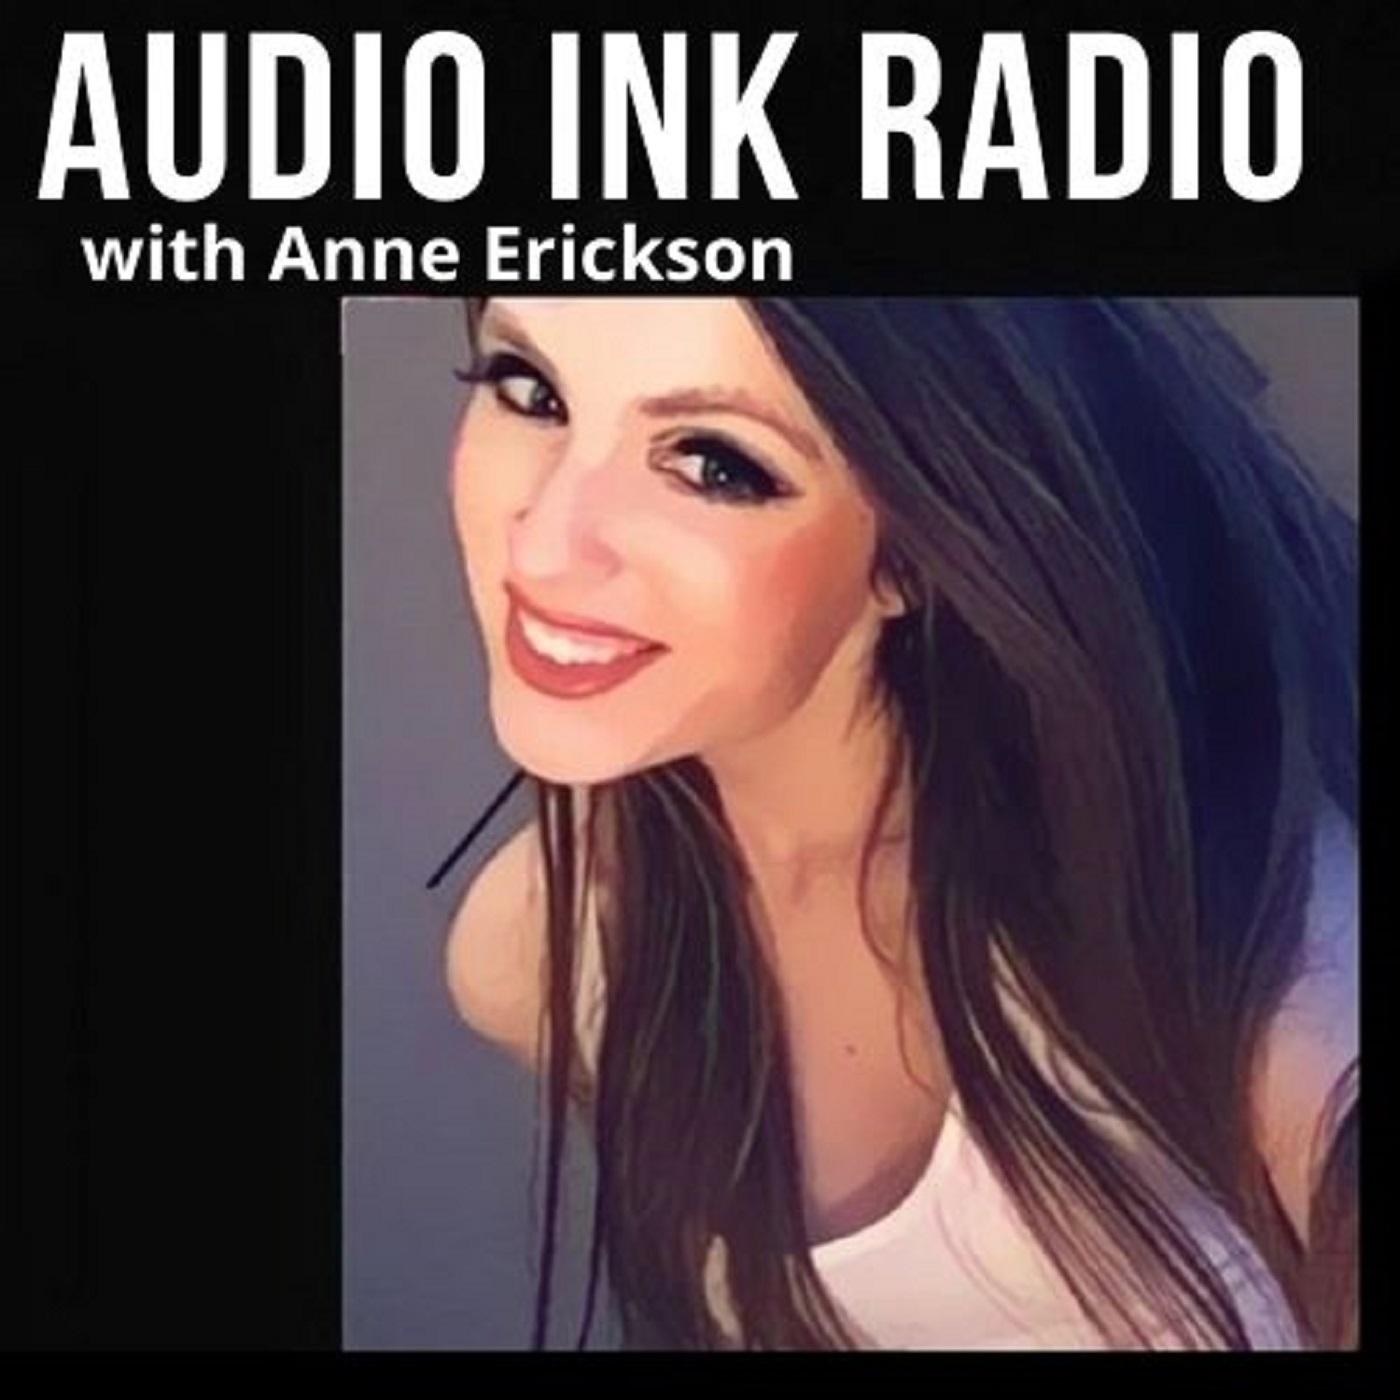 Anne Erickson on Audio Ink show art